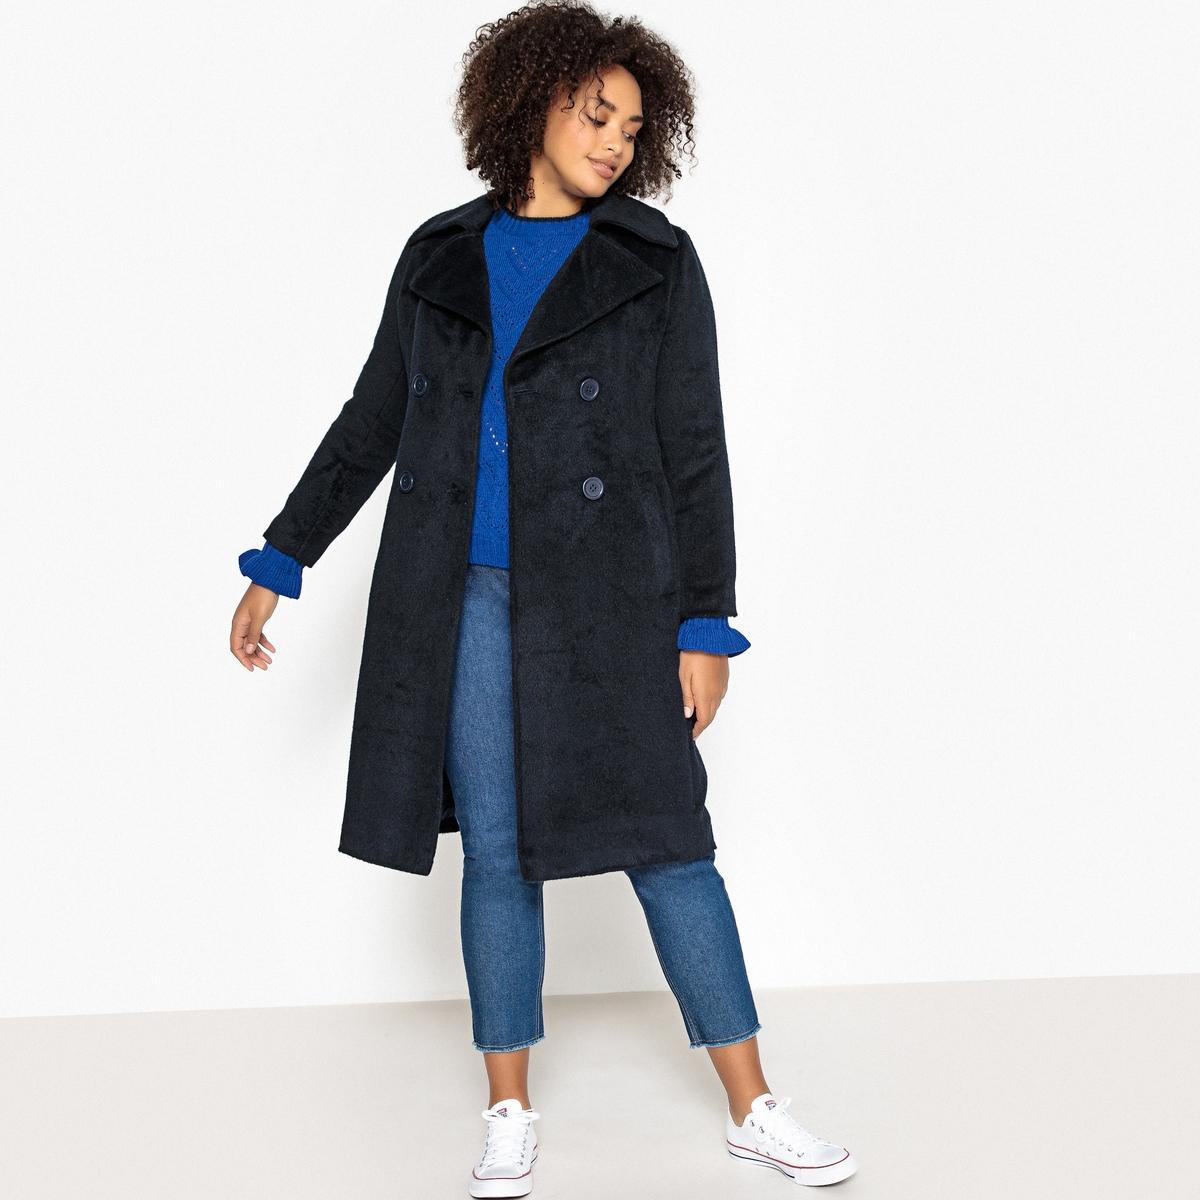 Пальто средней длины  двубортной застежкой на пуговицы